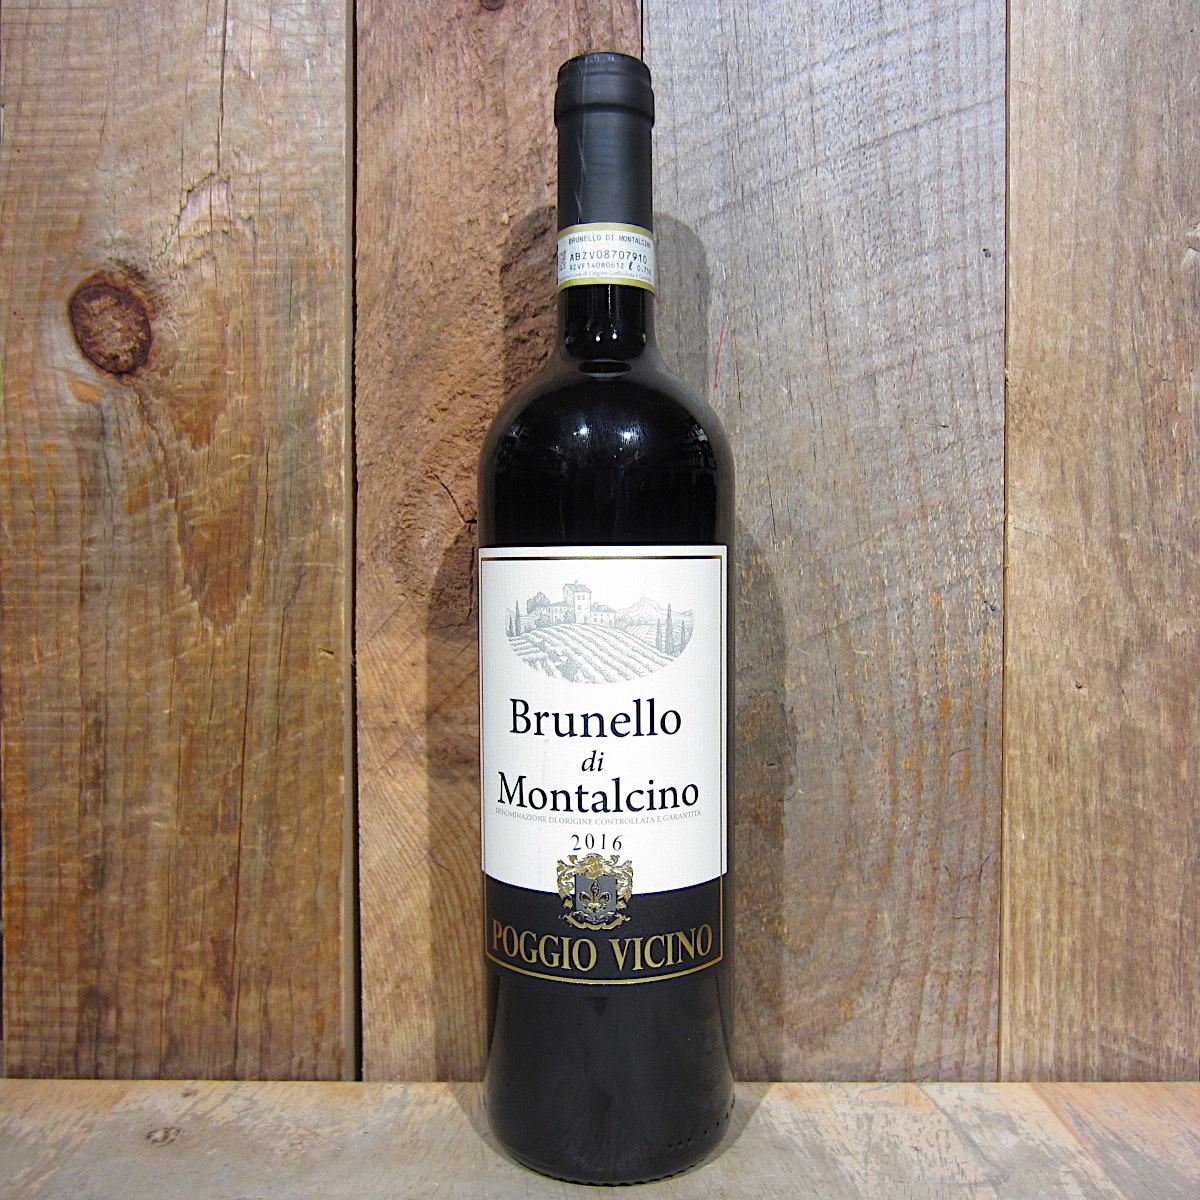 Poggione Vicino Brunello di Montalcino 2016 750ml